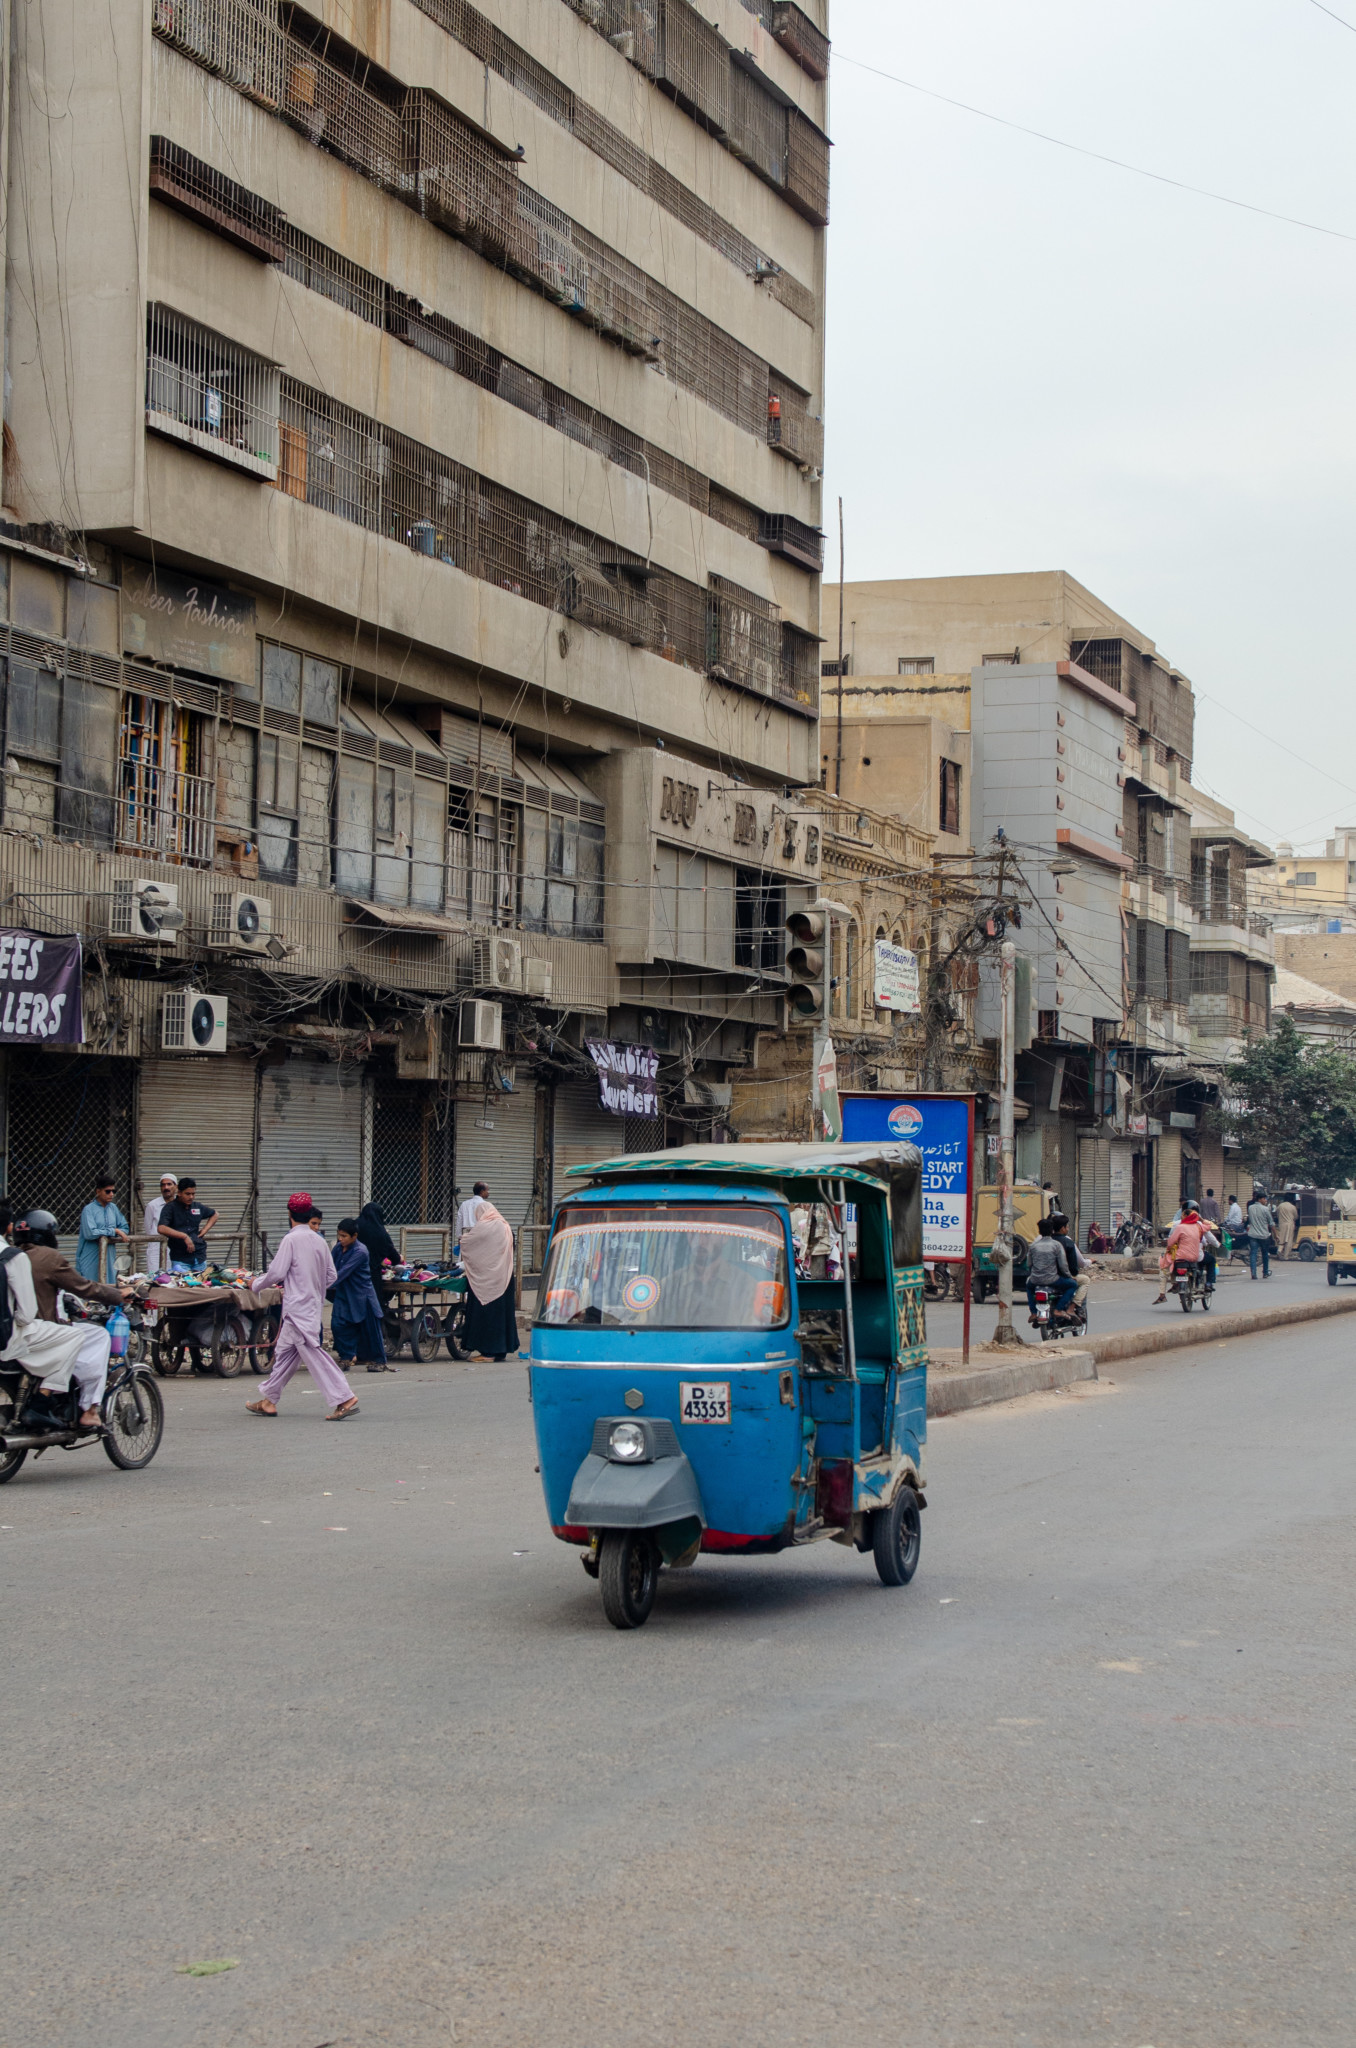 Mit dem Tuktuk klappt die Fortbewegung in Pakistan super